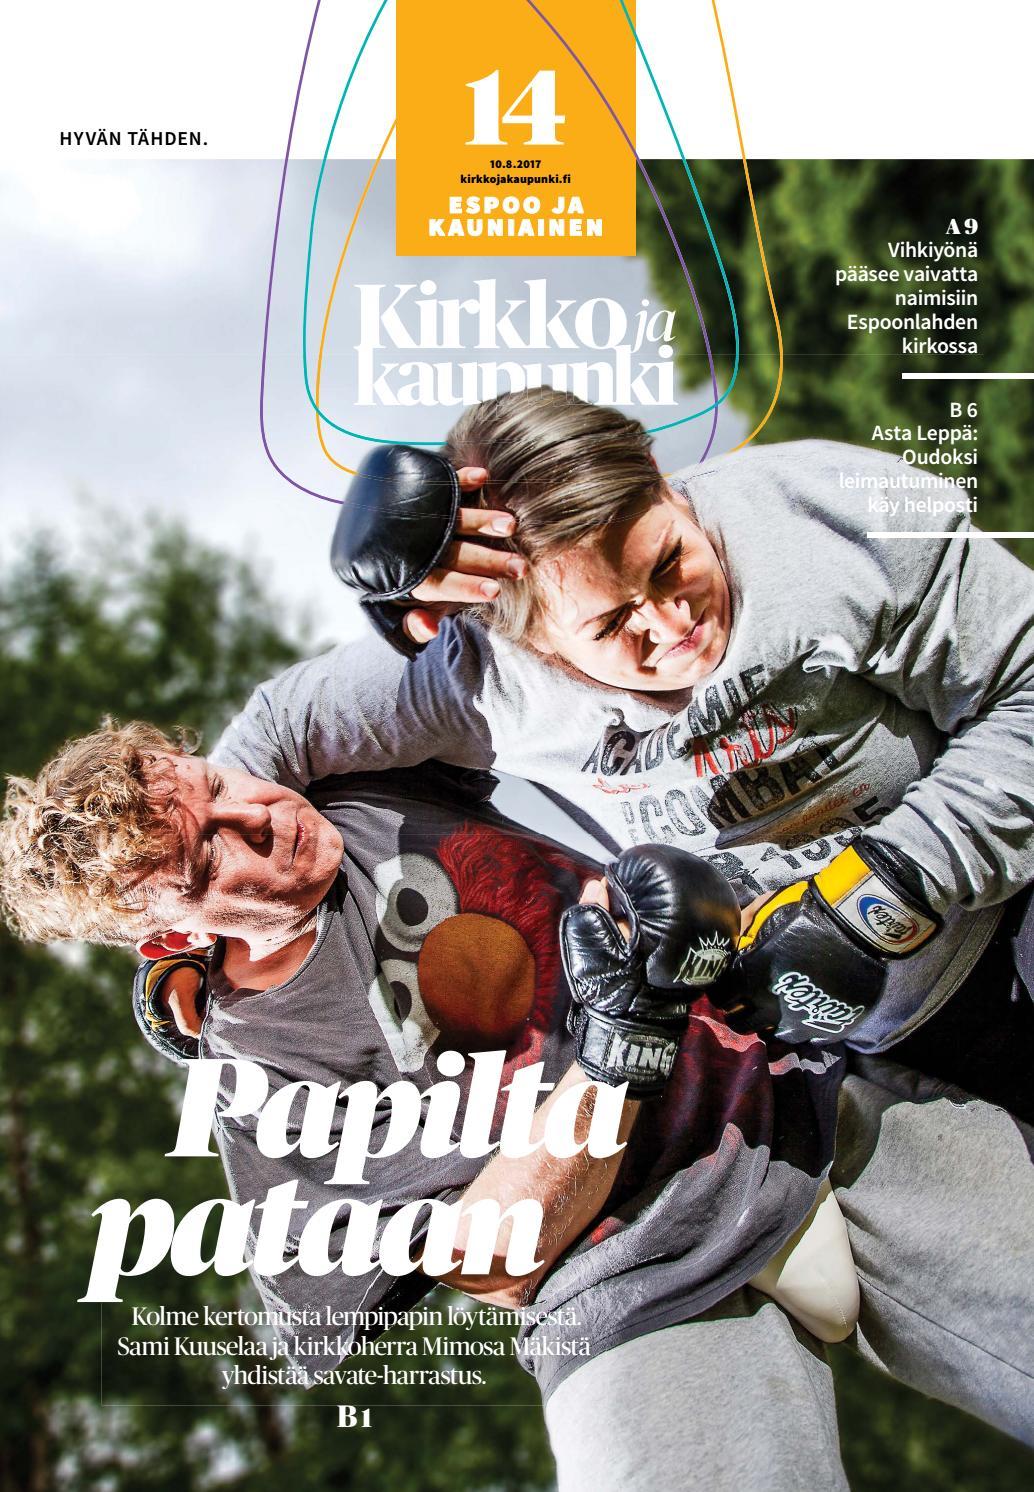 Kirkko ja kaupunki 2017 14 espoo by Kirkko ja kaupunki - Issuu